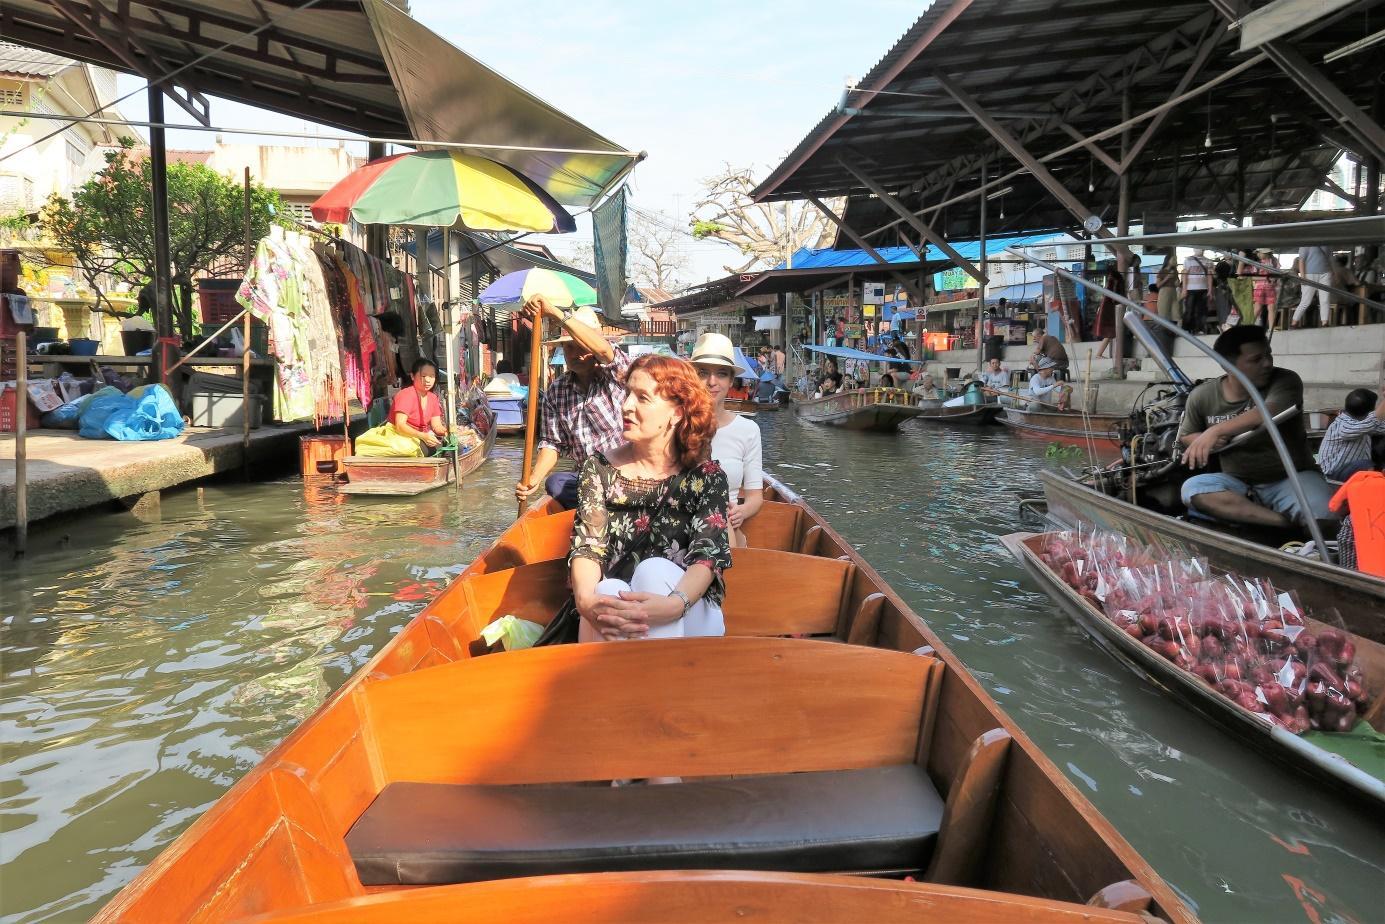 C:\Users\Administrator\Documents\Documents\Putovanja\PUTOPISI\TAJLAND\Tajland 5\Slike\12.jpg